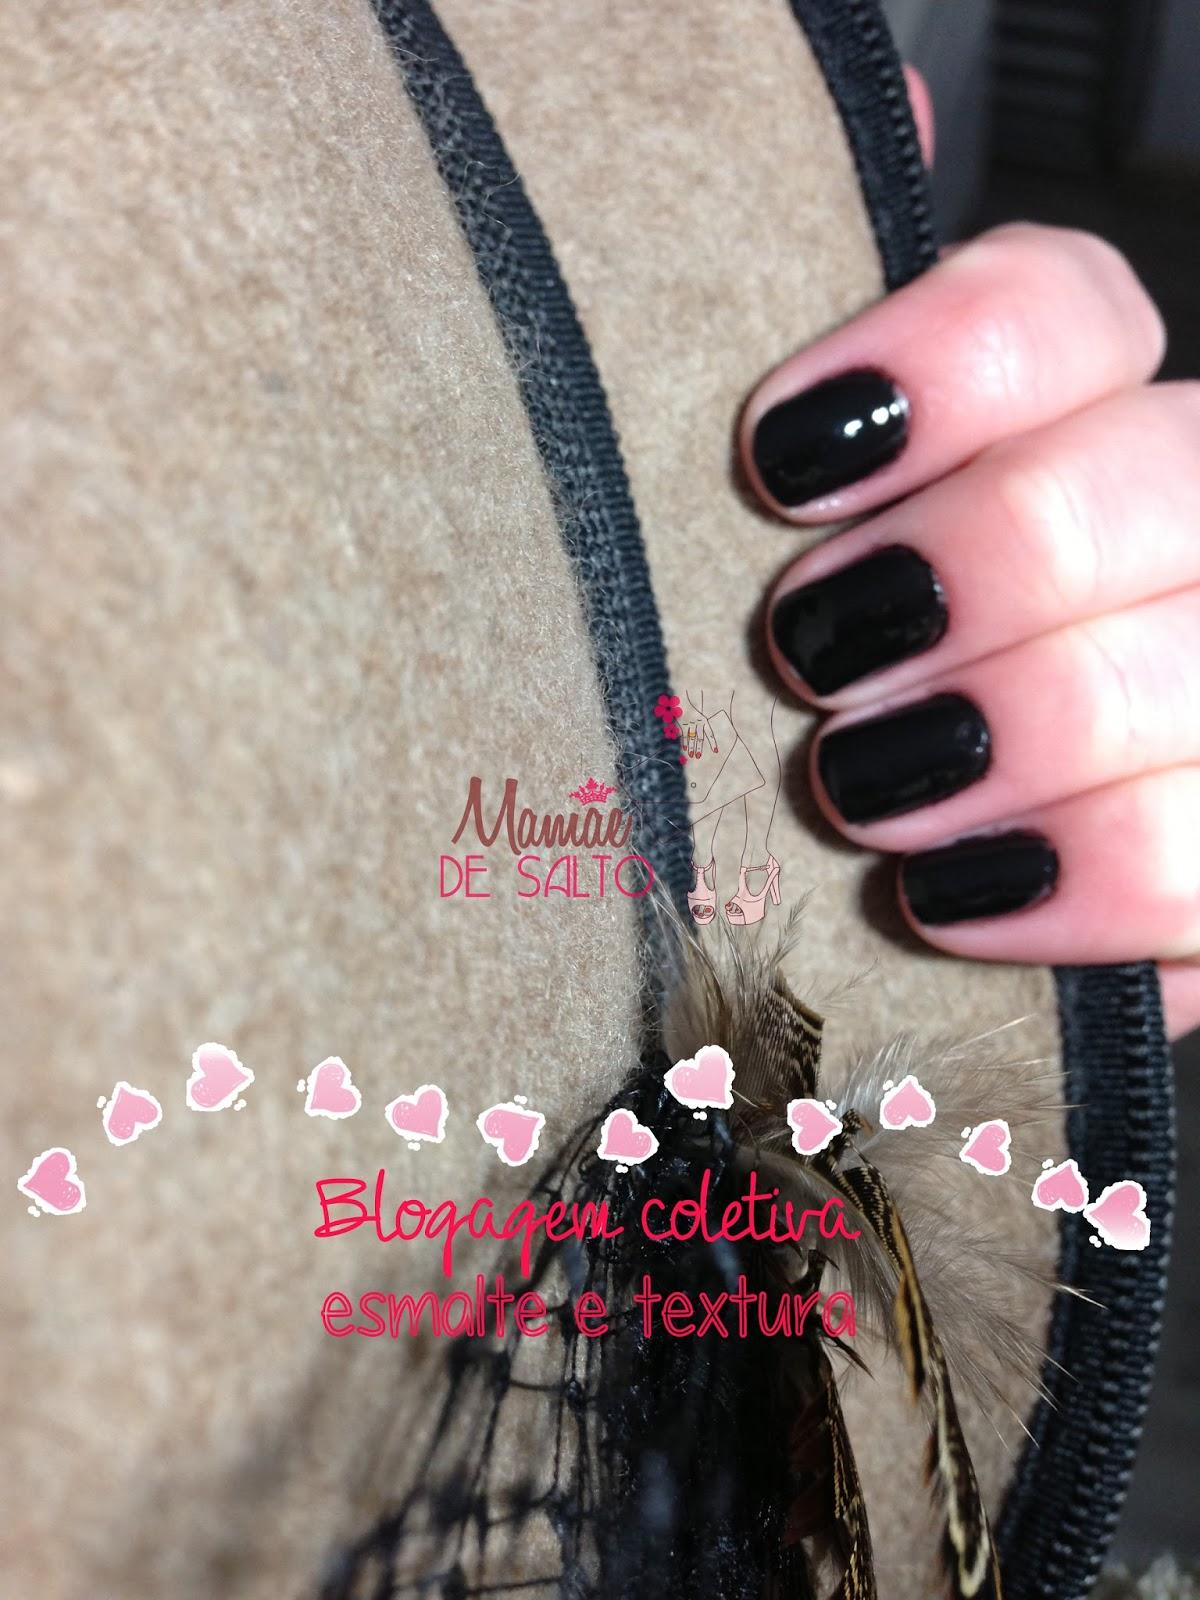 blogagem coletiva esmalte e textura chapéu de lã accessorize blog Mamãe de Salto ==> todos os direitos reservados